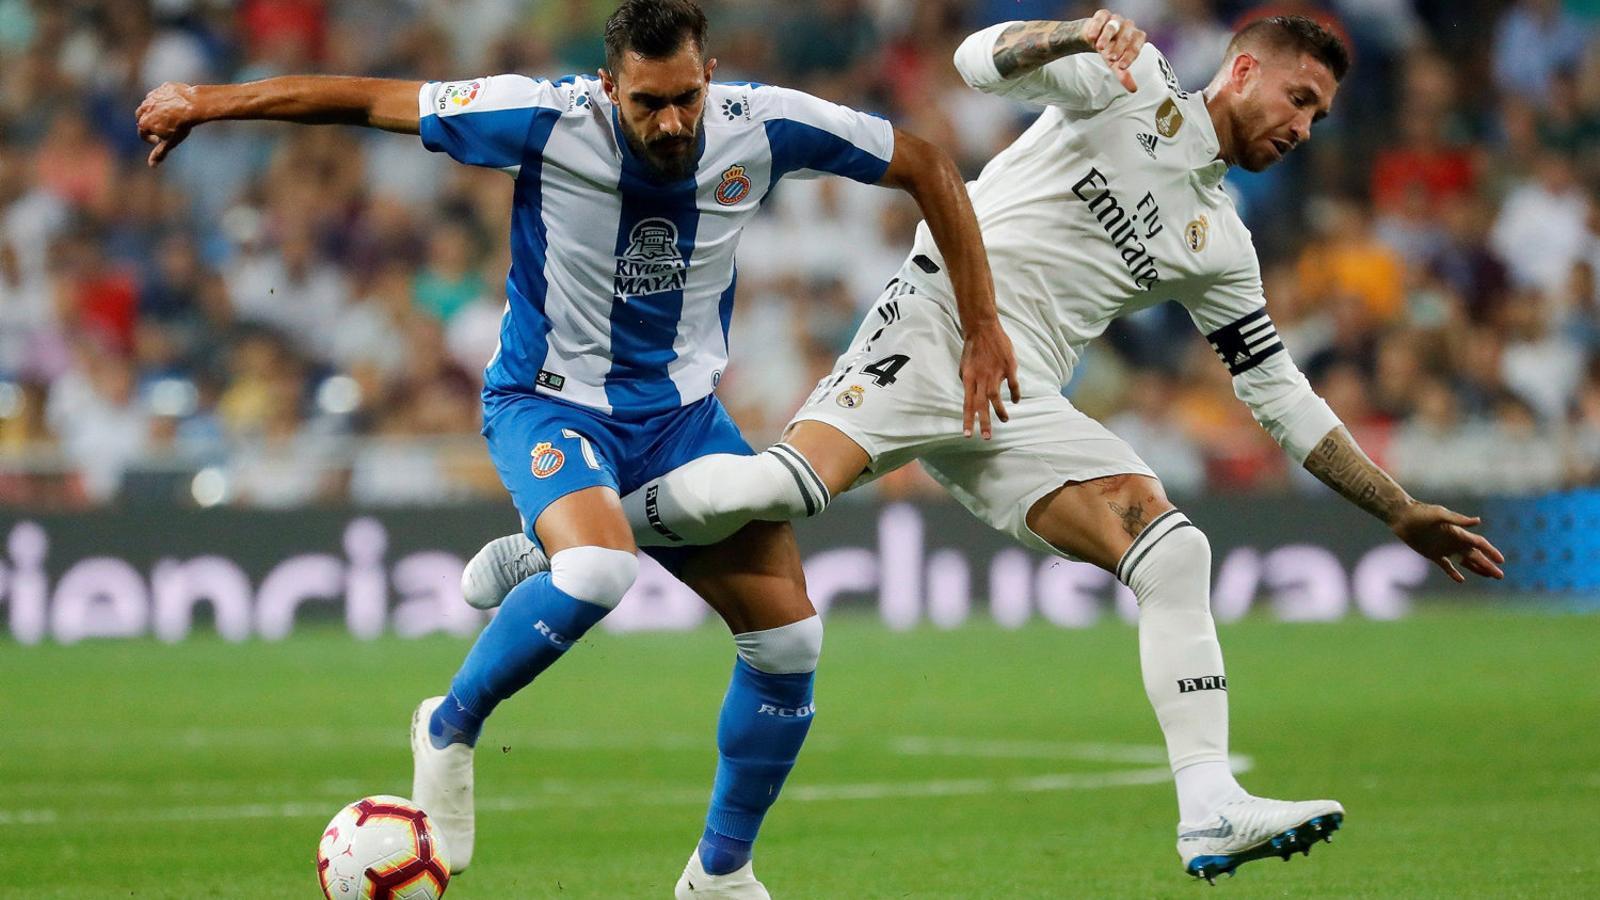 L'Espanyol cau amb el   Cap ben alt al Bernabéu